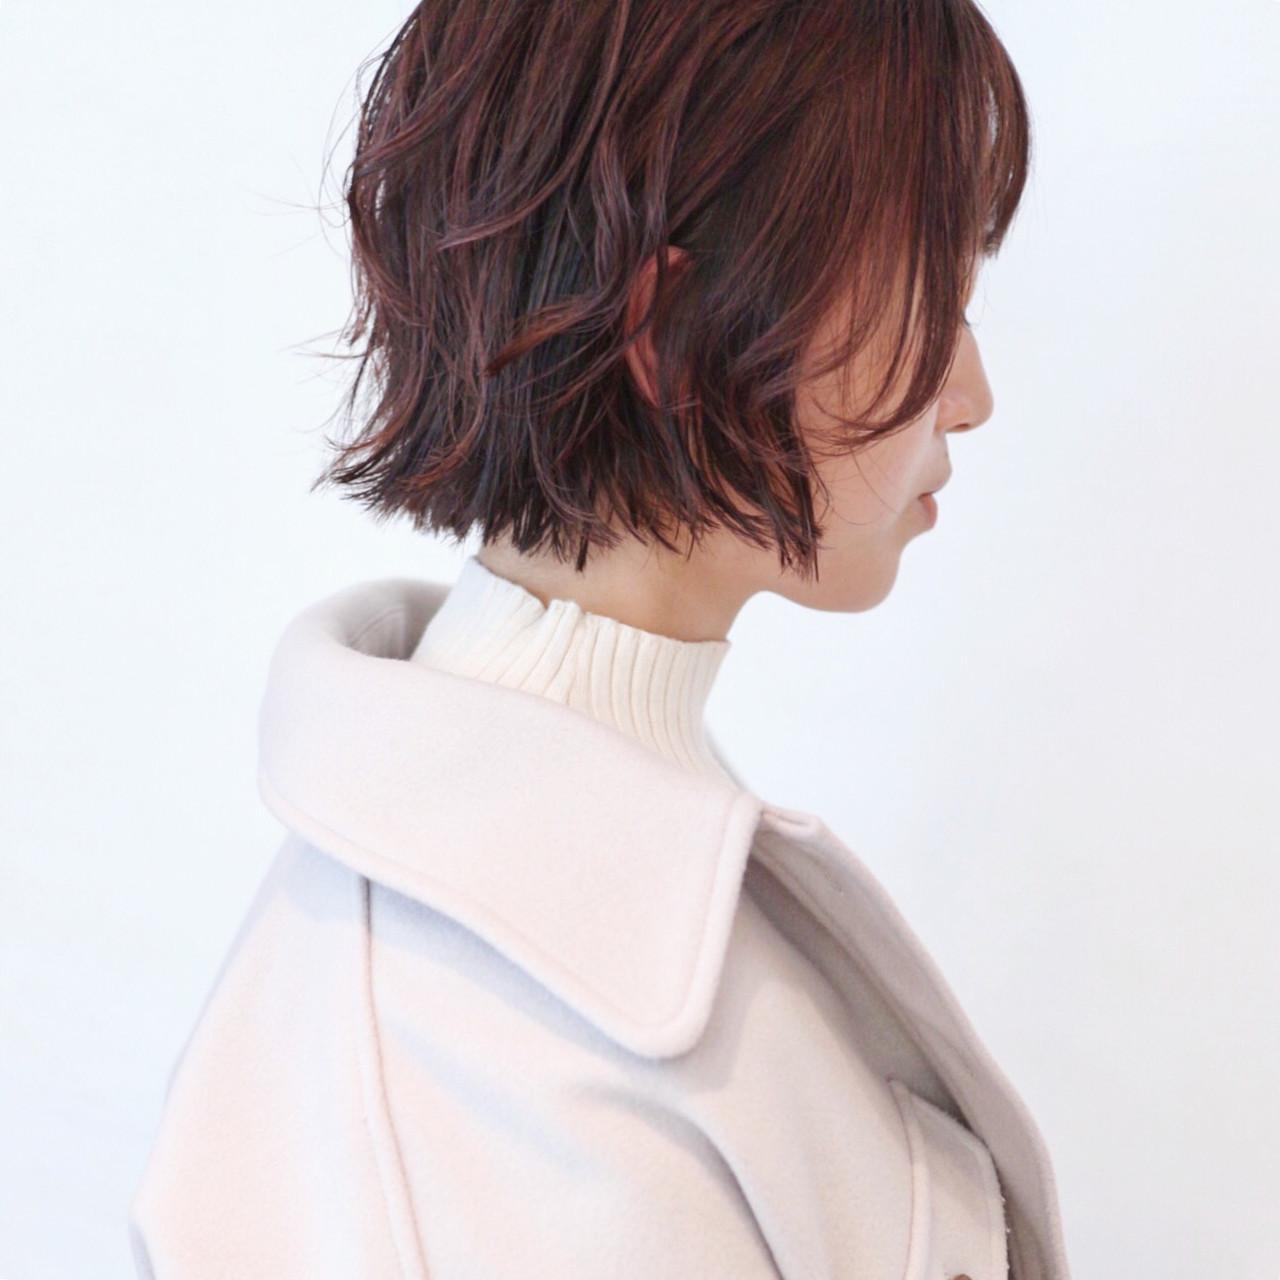 ボブ パーマ ピンク ラベンダーピンク ヘアスタイルや髪型の写真・画像